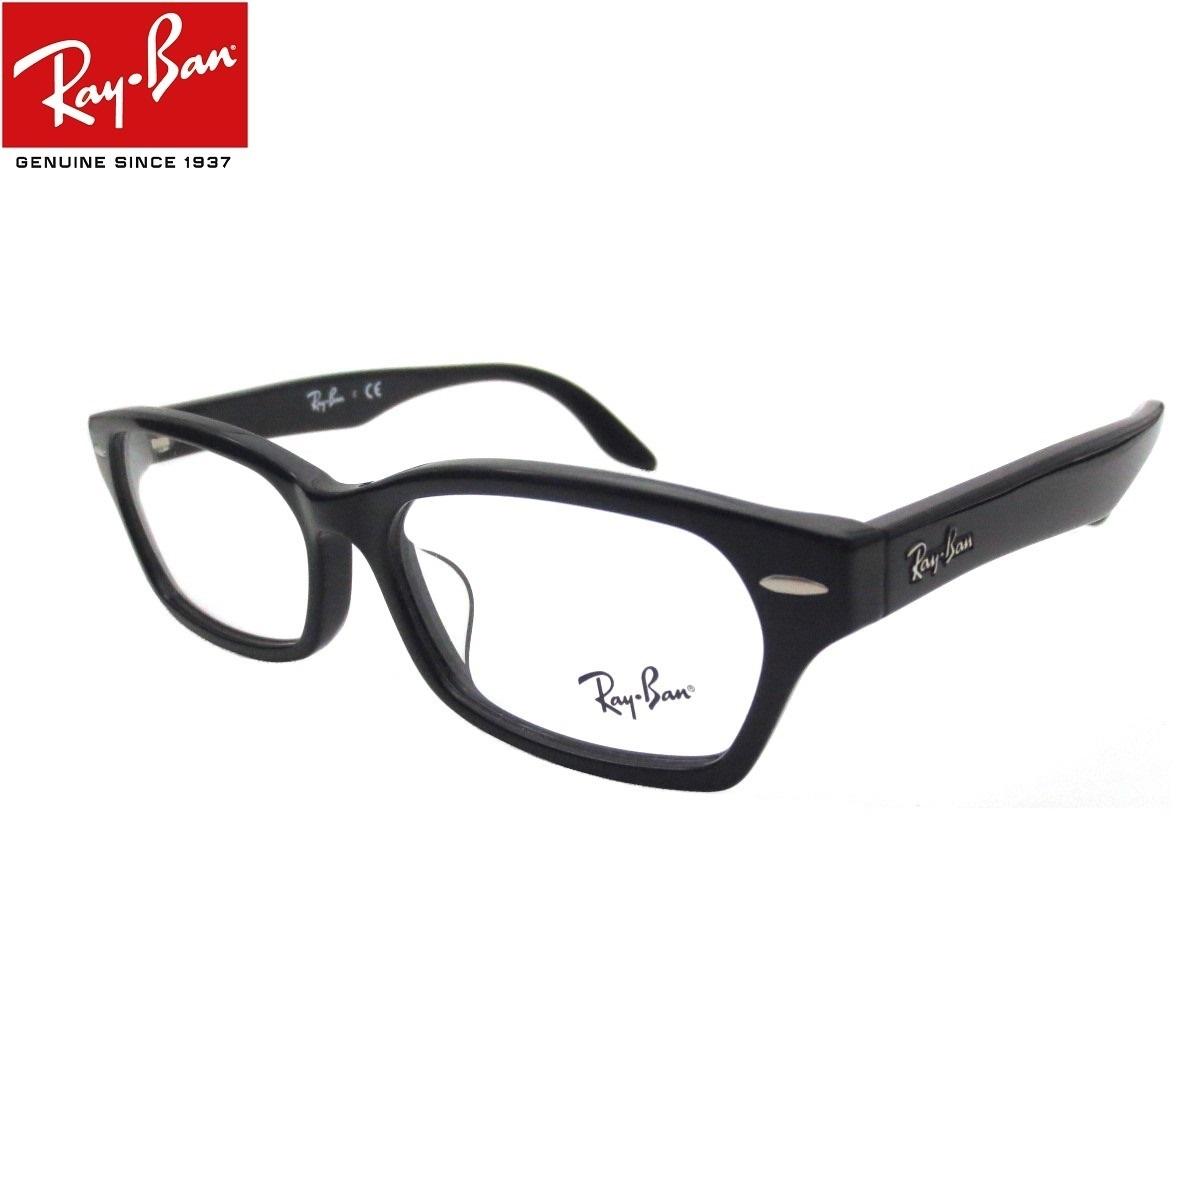 レイバン 伊達メガネ PCメガネ ビュイ bui メガネ Ray-Ban RX5344D 2000(55)セルフレーム 眼精疲労予防レンズ(ビュイ bui)のセット(伊達眼鏡用)RX5130に近いデザイン【ミラリジャパンメーカー保証書付】